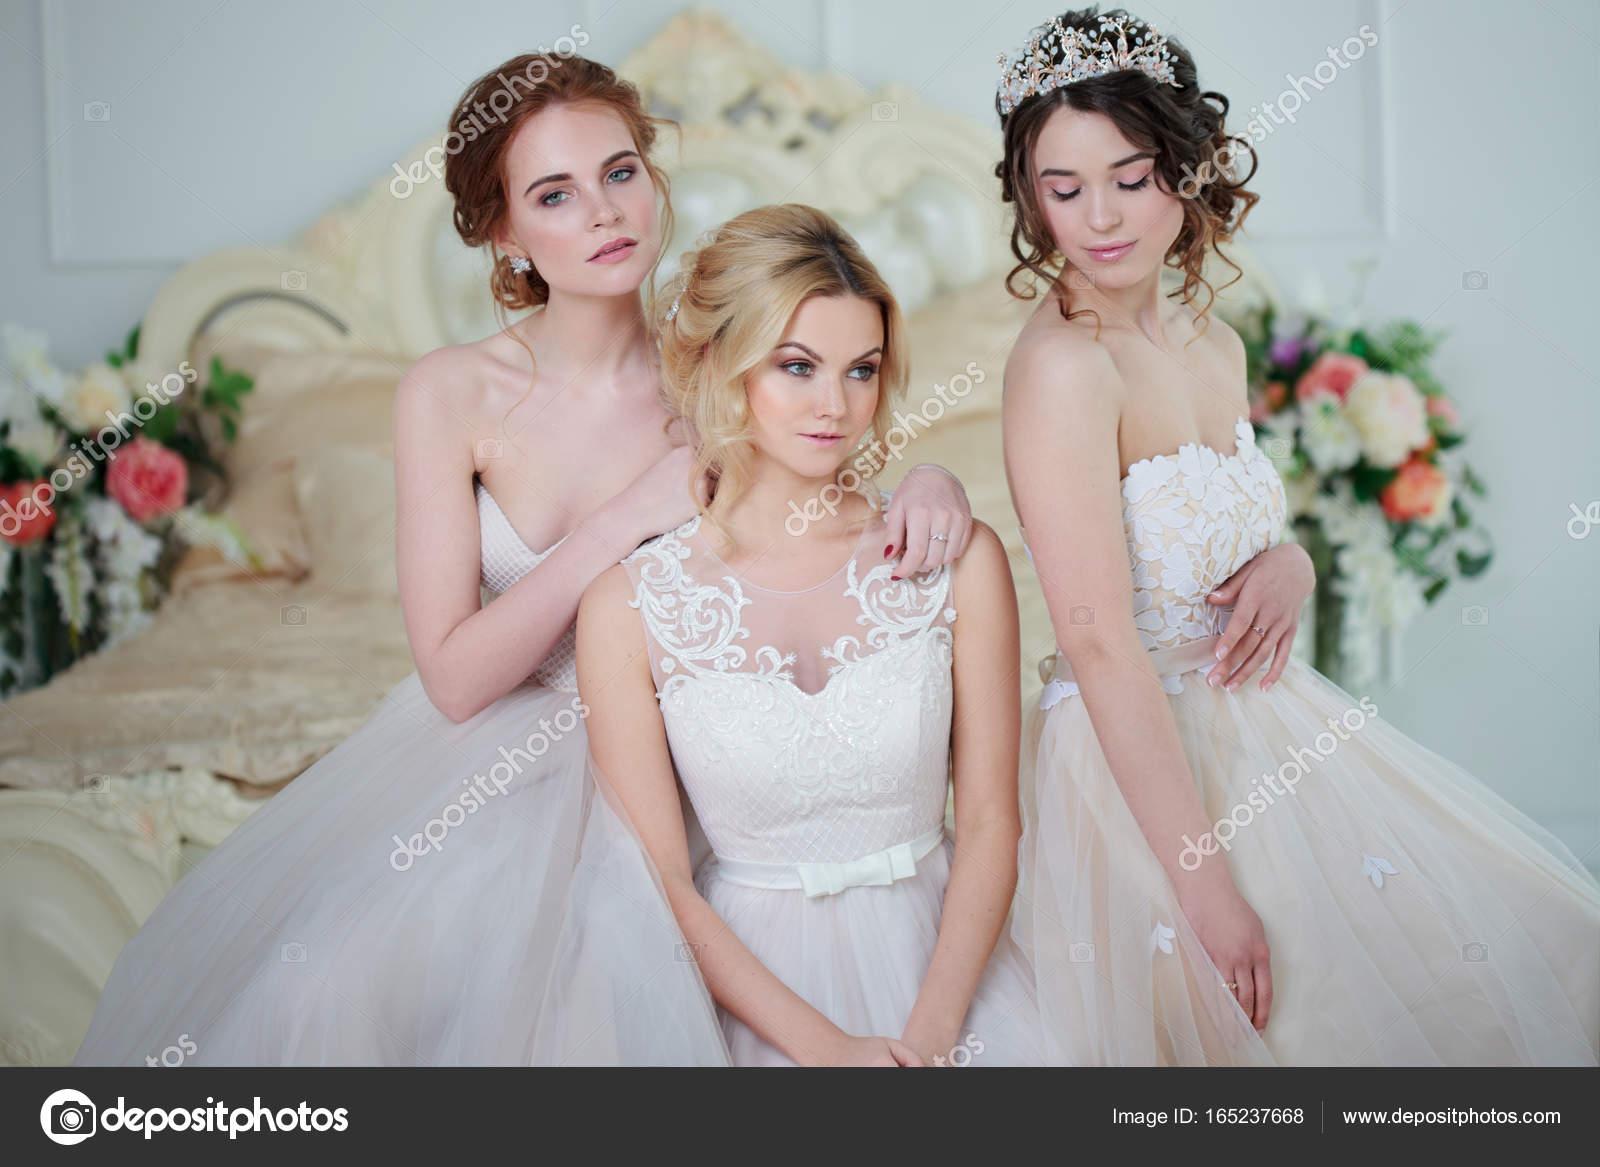 2e4210ba6311 Τρία κορίτσια σε Νυφικά φορέματα. Όμορφα λεπτή κορίτσια στο νυφικό σαλόνι — Φωτογραφία  Αρχείου